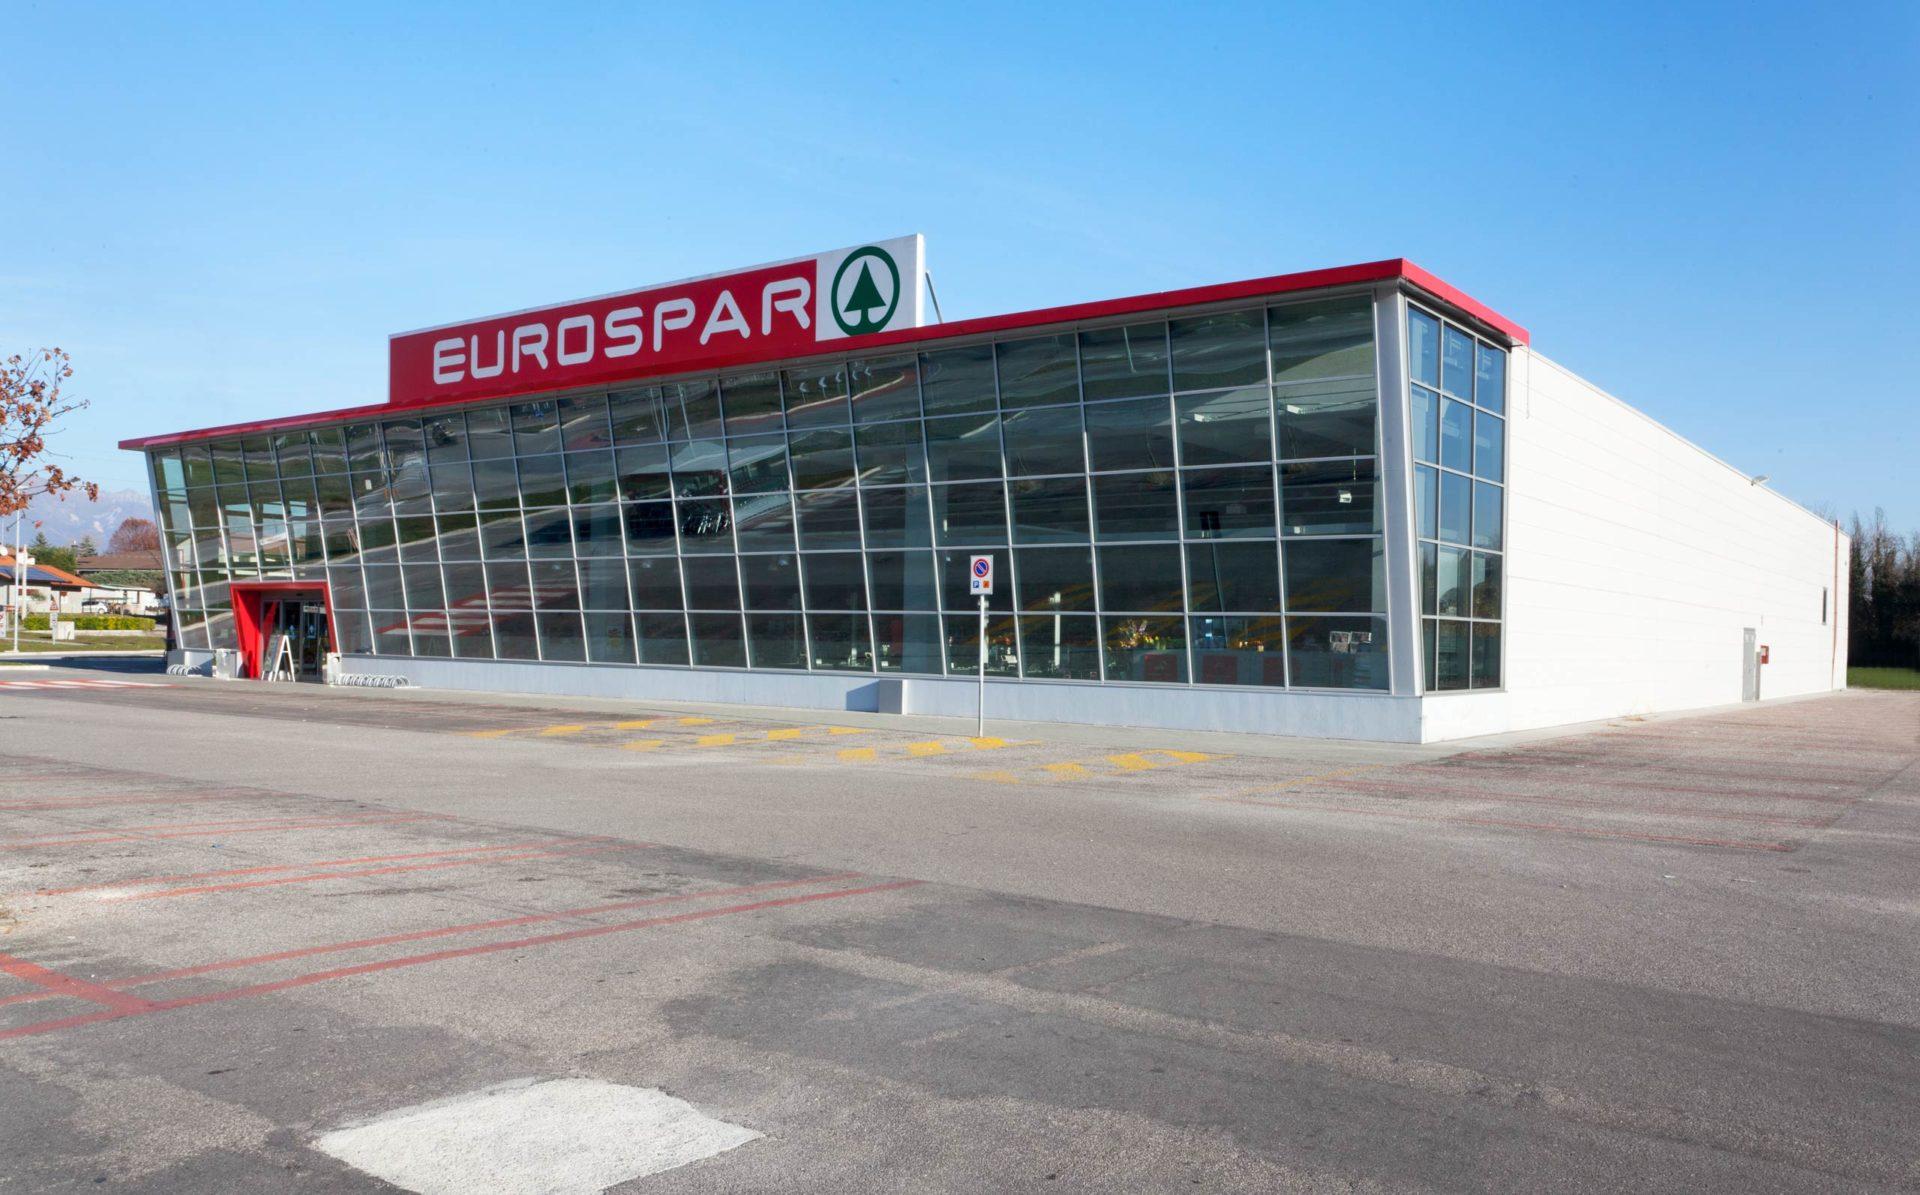 Centro commerciale <br> Eurospar